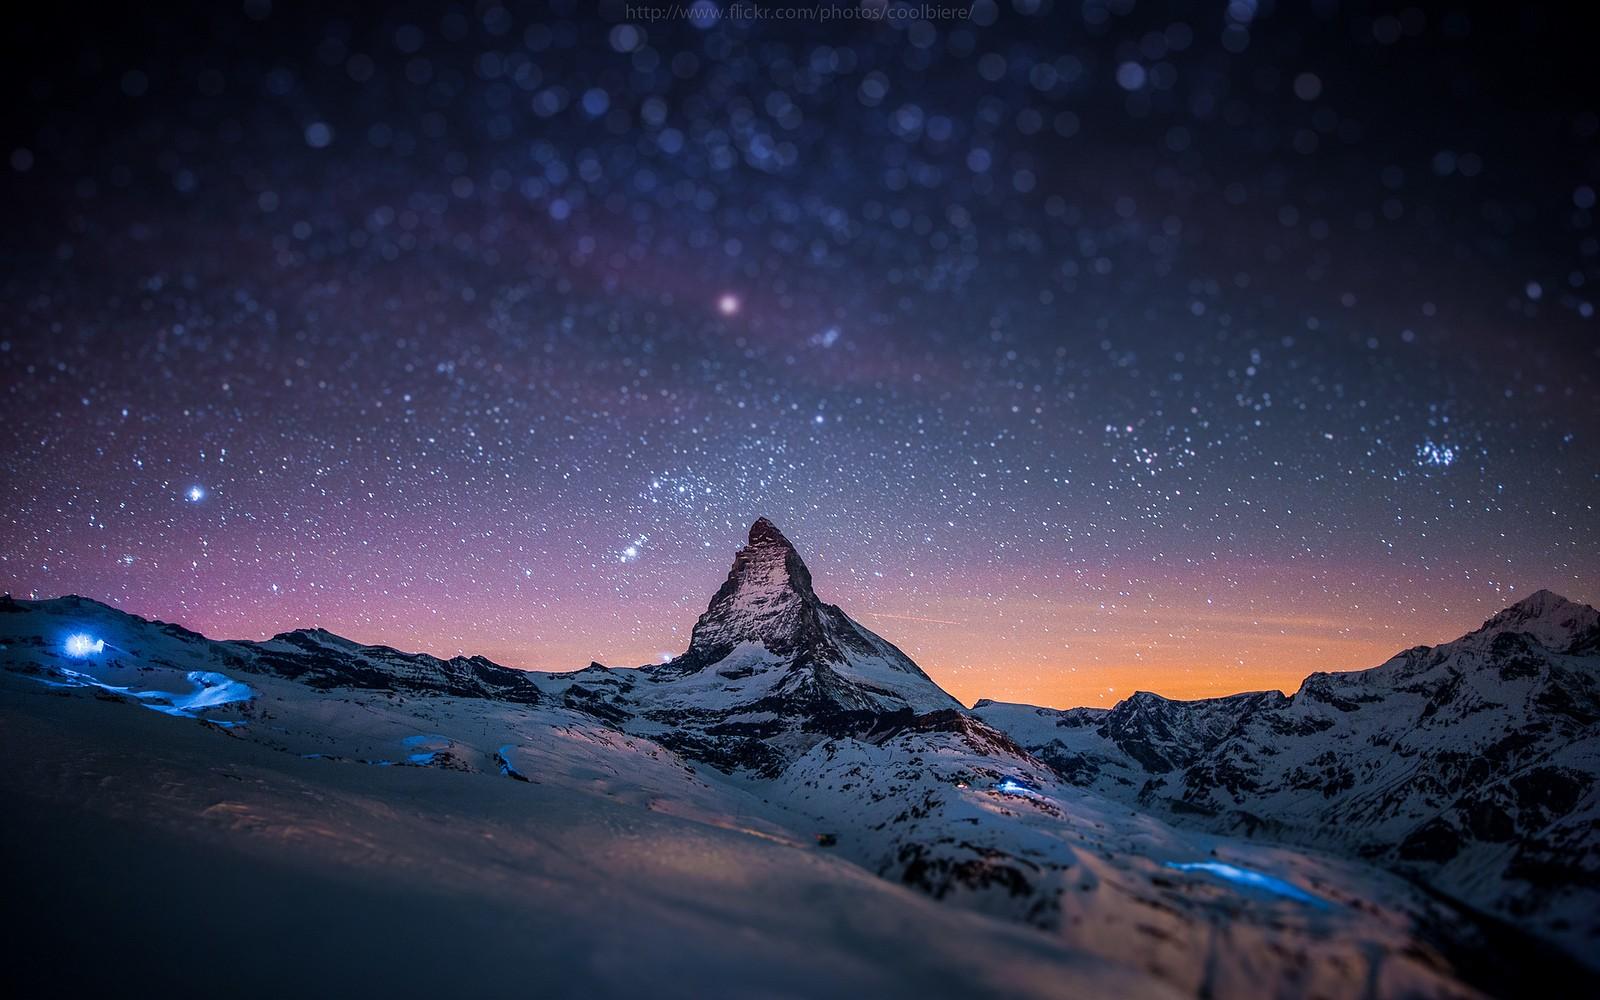 Fond d 39 cran paysage lumi res montagnes art num rique for Paysage espace